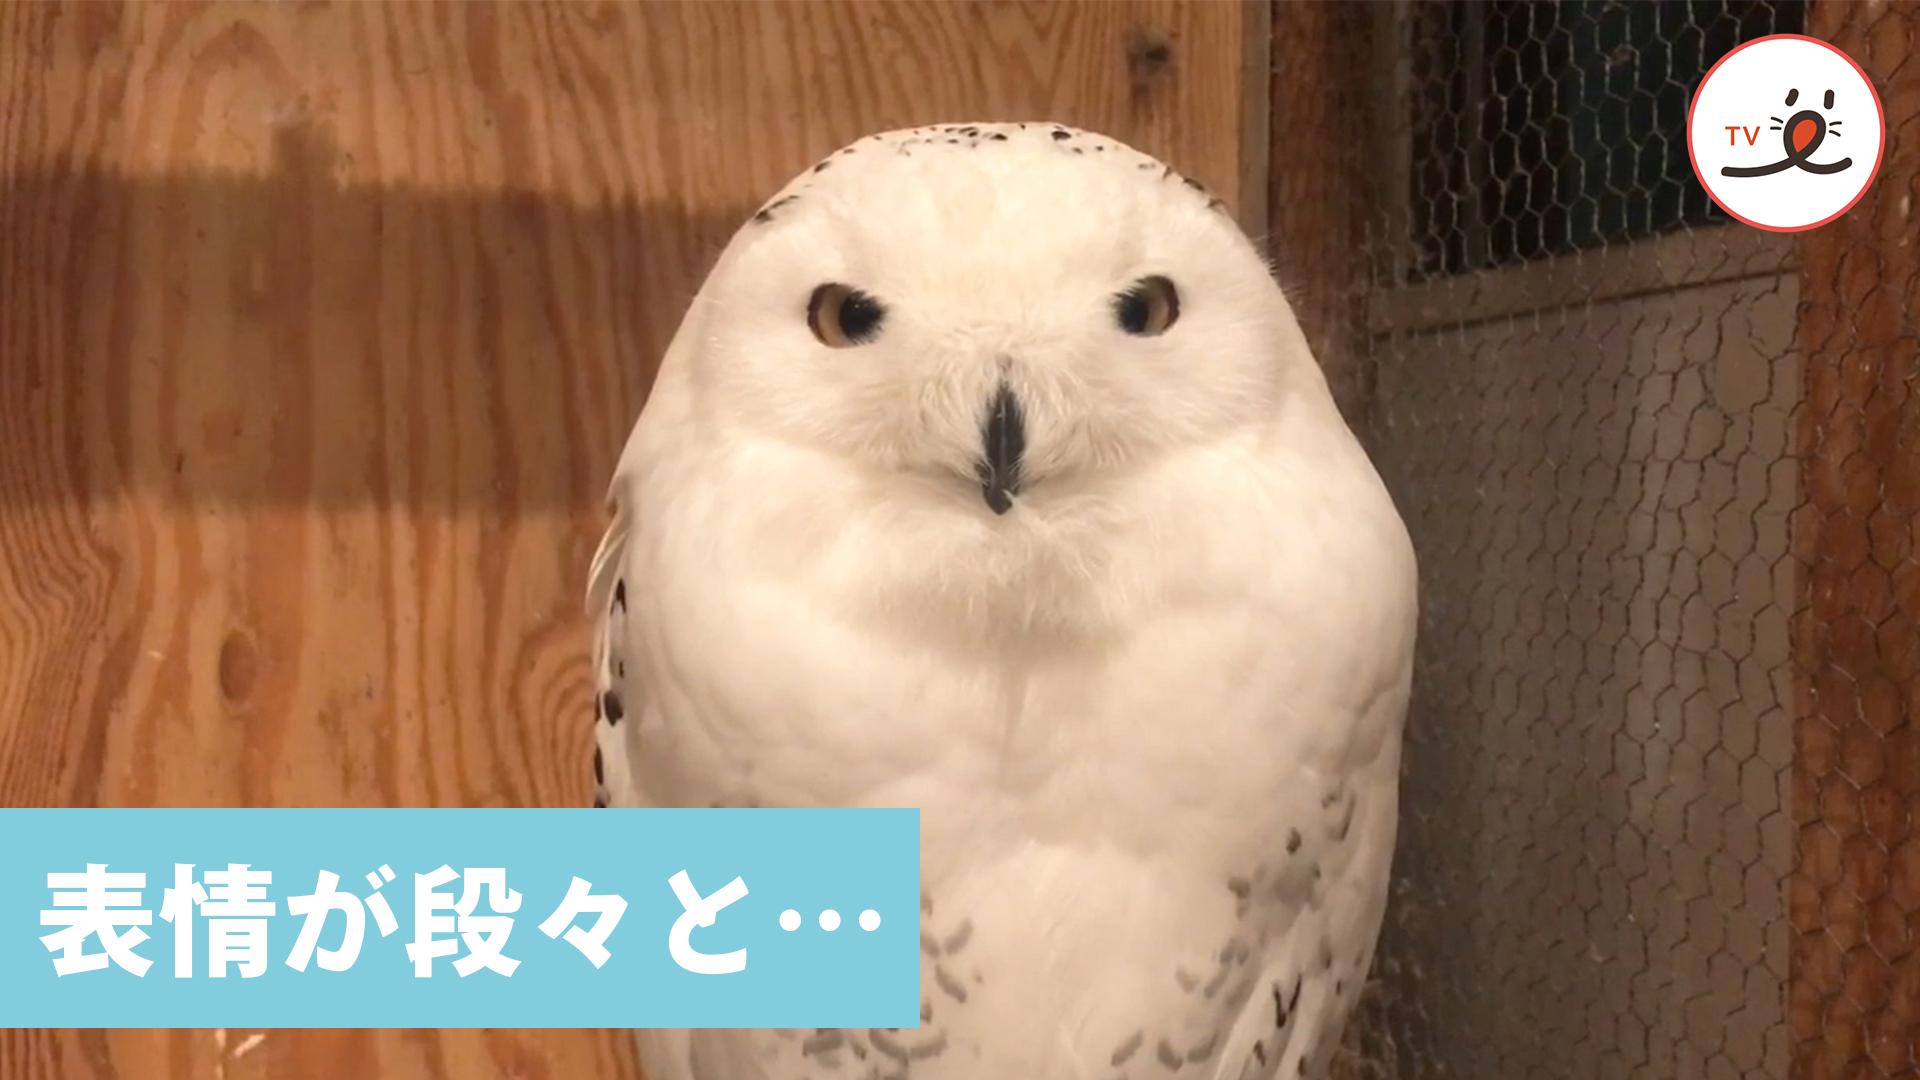 じわ〜っと表情が変化するフクロウさんに注目!✨